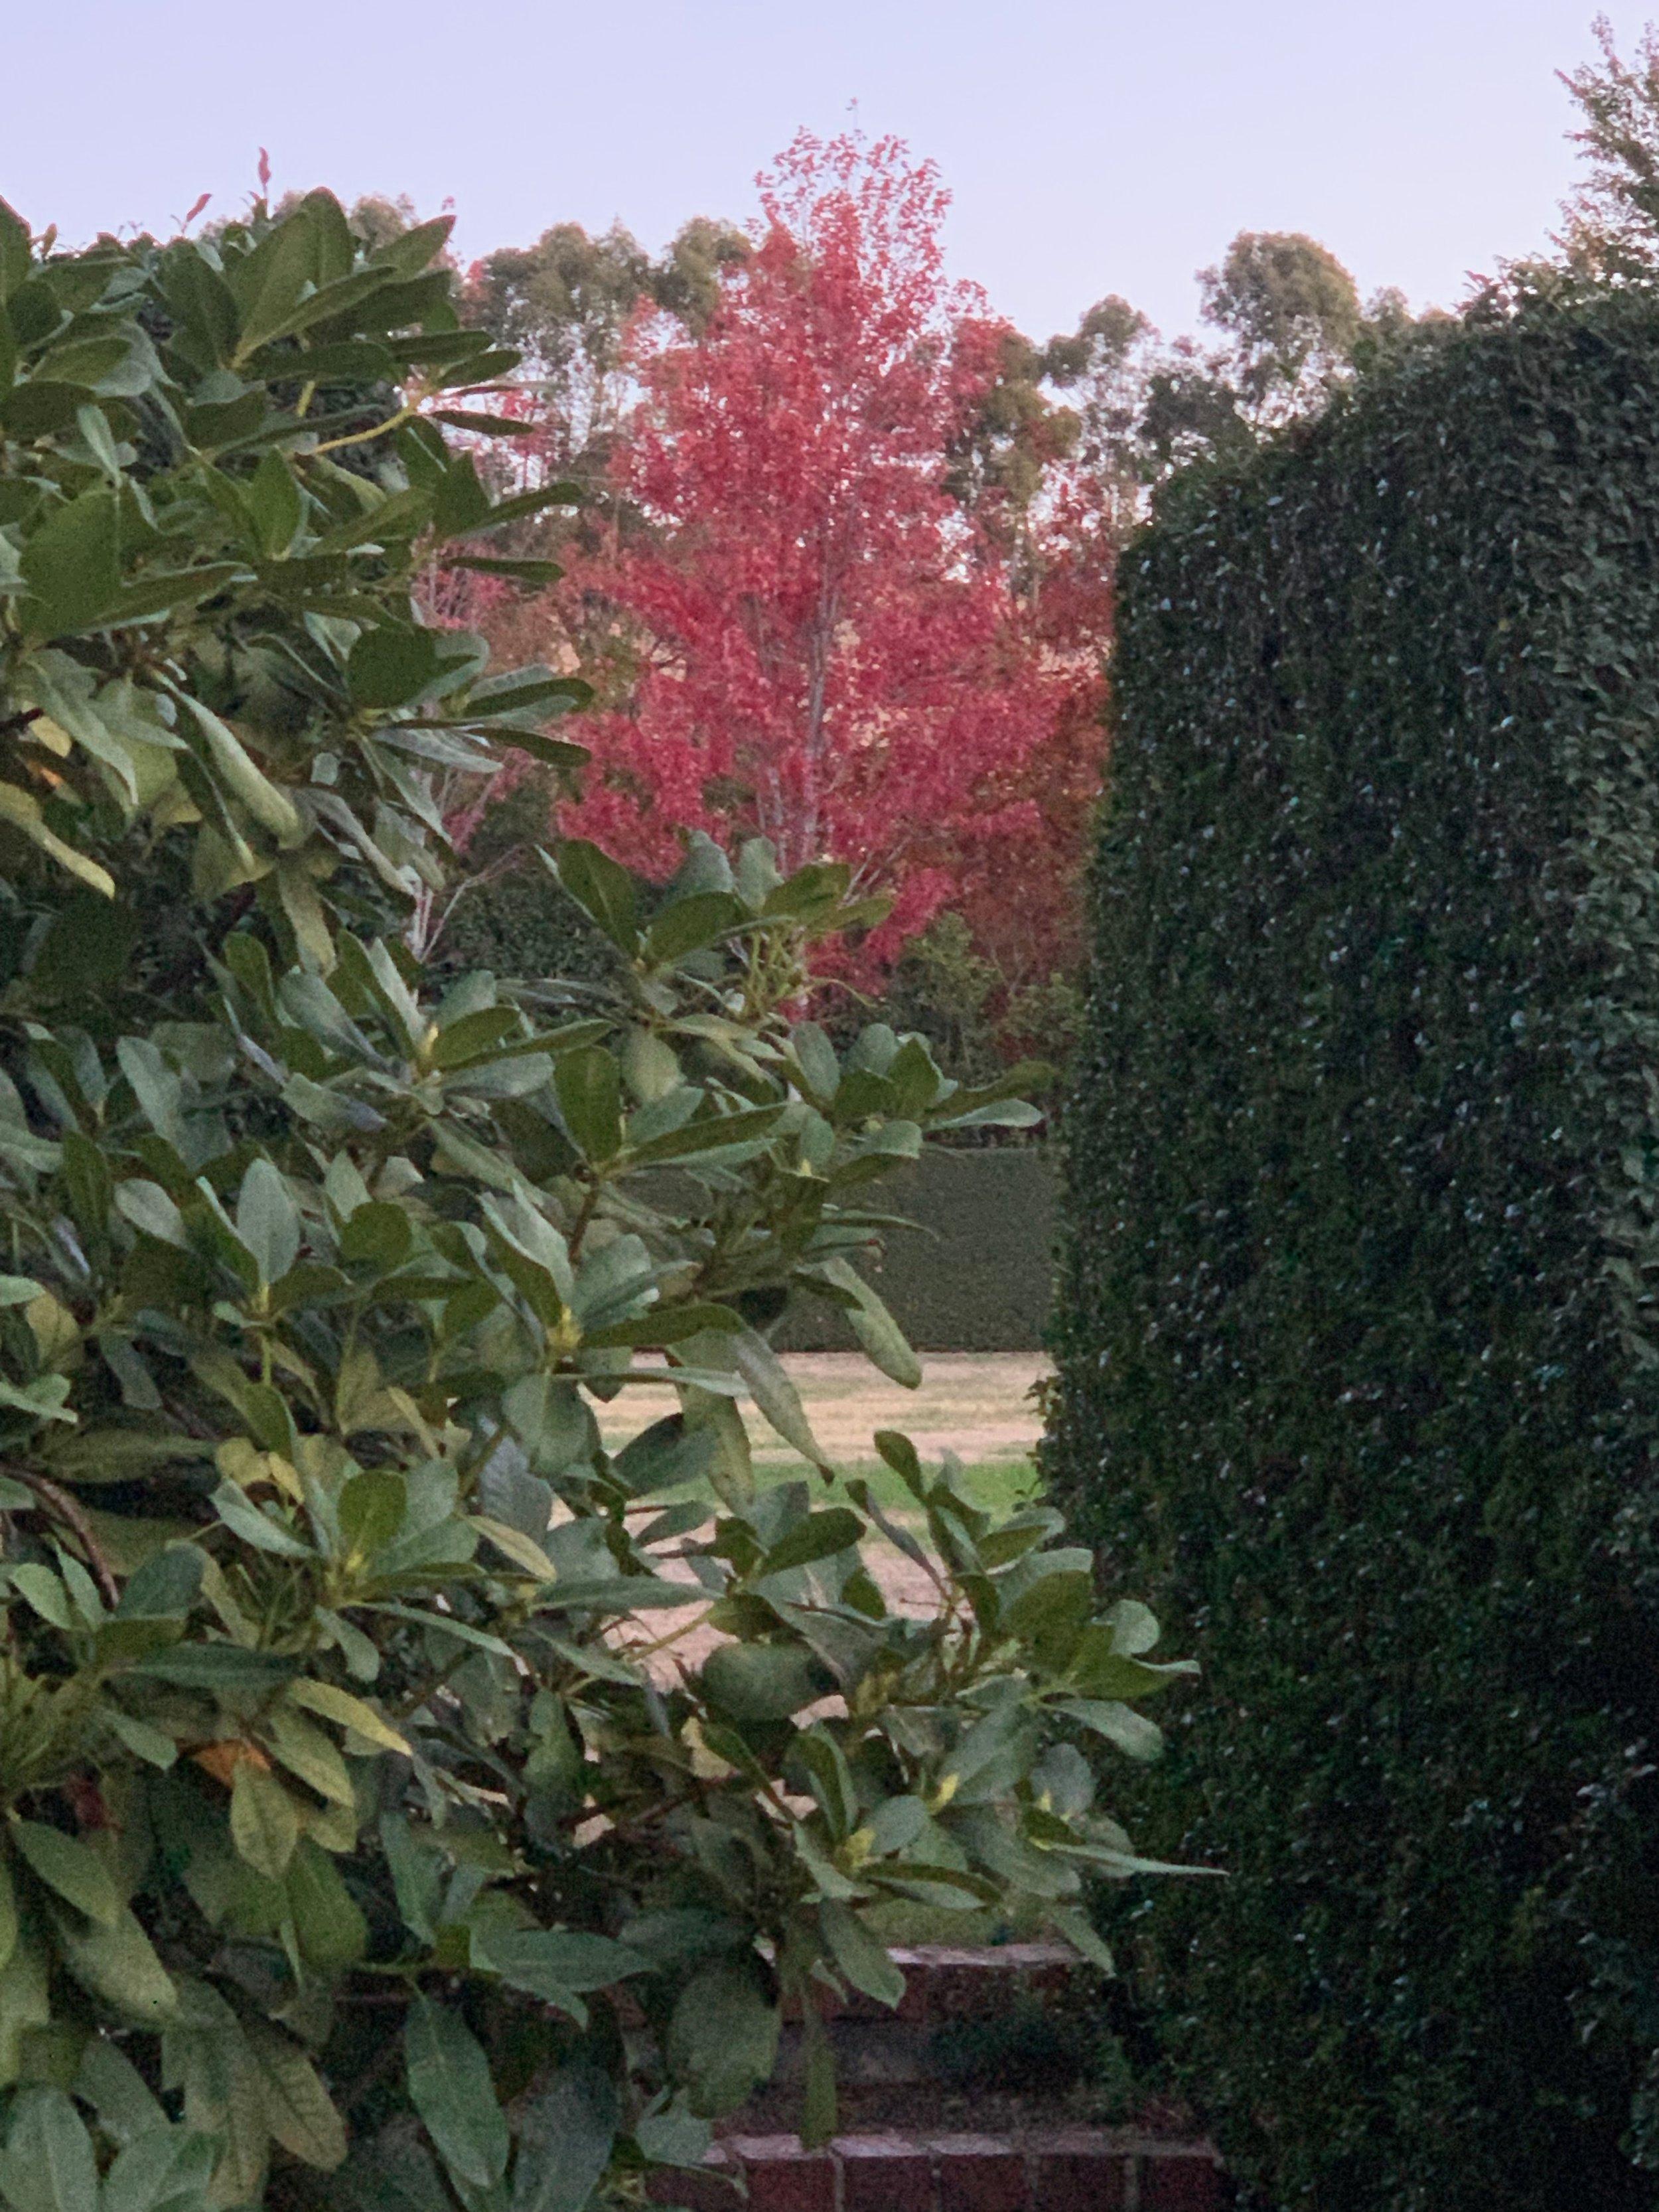 muskfarm_hedge_oval_autumn_english_garden_maple_lipstickIMG_0031.jpeg